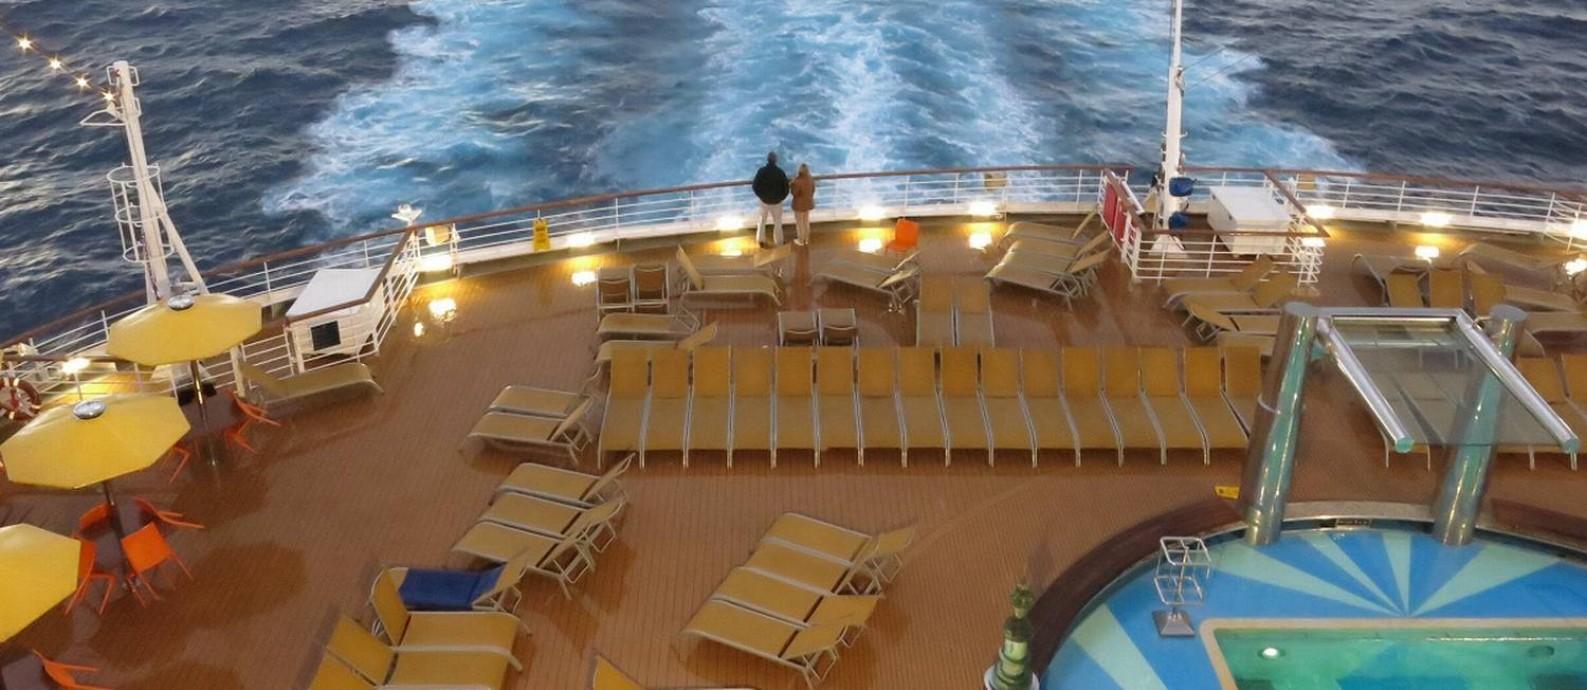 Casal no deque do navio Costa Diadema durante um cruzeiro pelo Mar Mediterrâneo Foto: André Sarmento / Agência O Globo